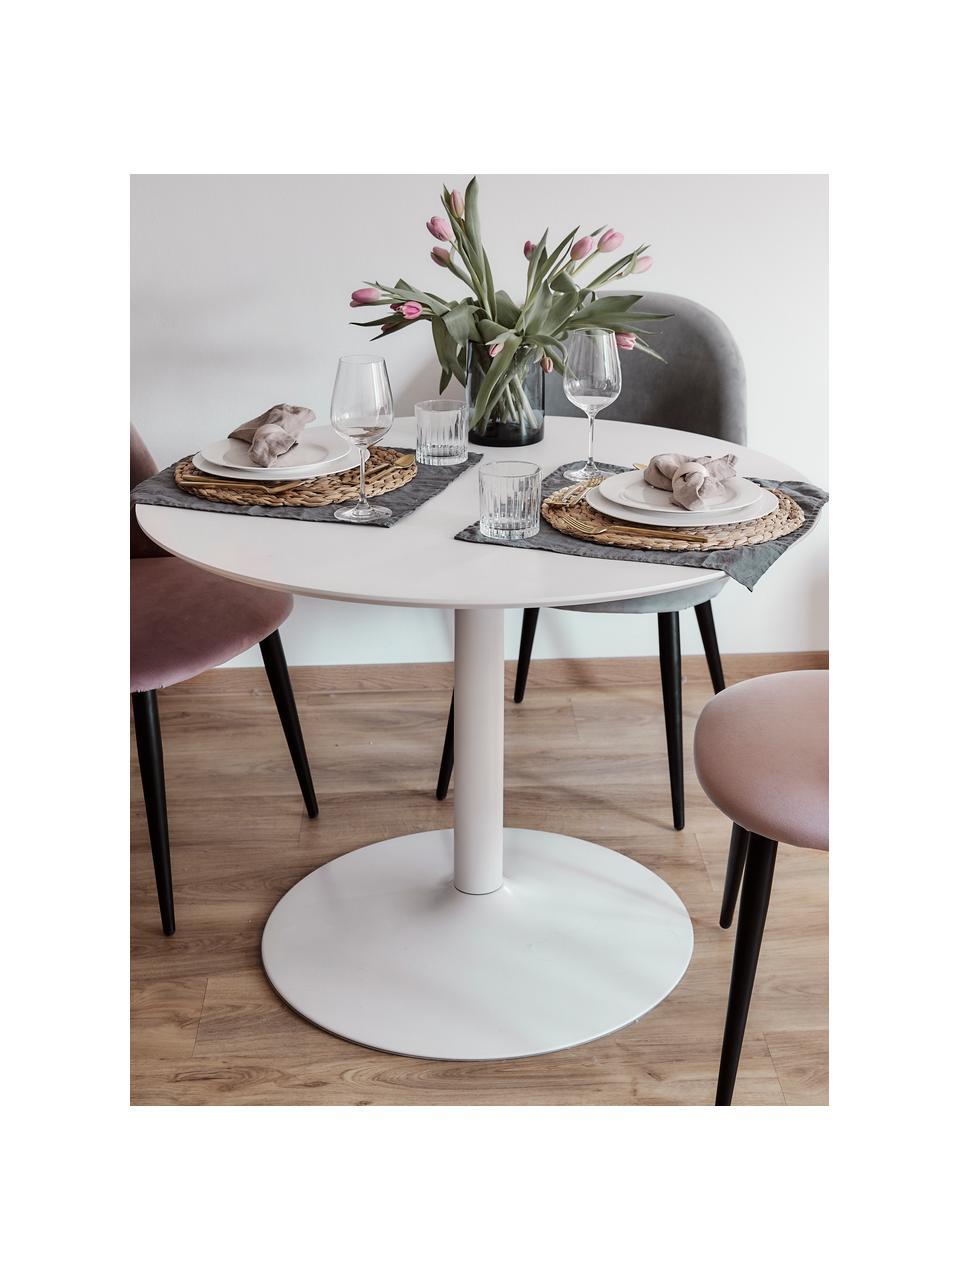 Runder Esstisch Karla in Marmoroptik, Tischplatte: Mitteldichte Holzfaserpla, Tischplatte: Weiß, marmoriert Tischbein: Weiß, matt, ∅ 90 x H 75 cm